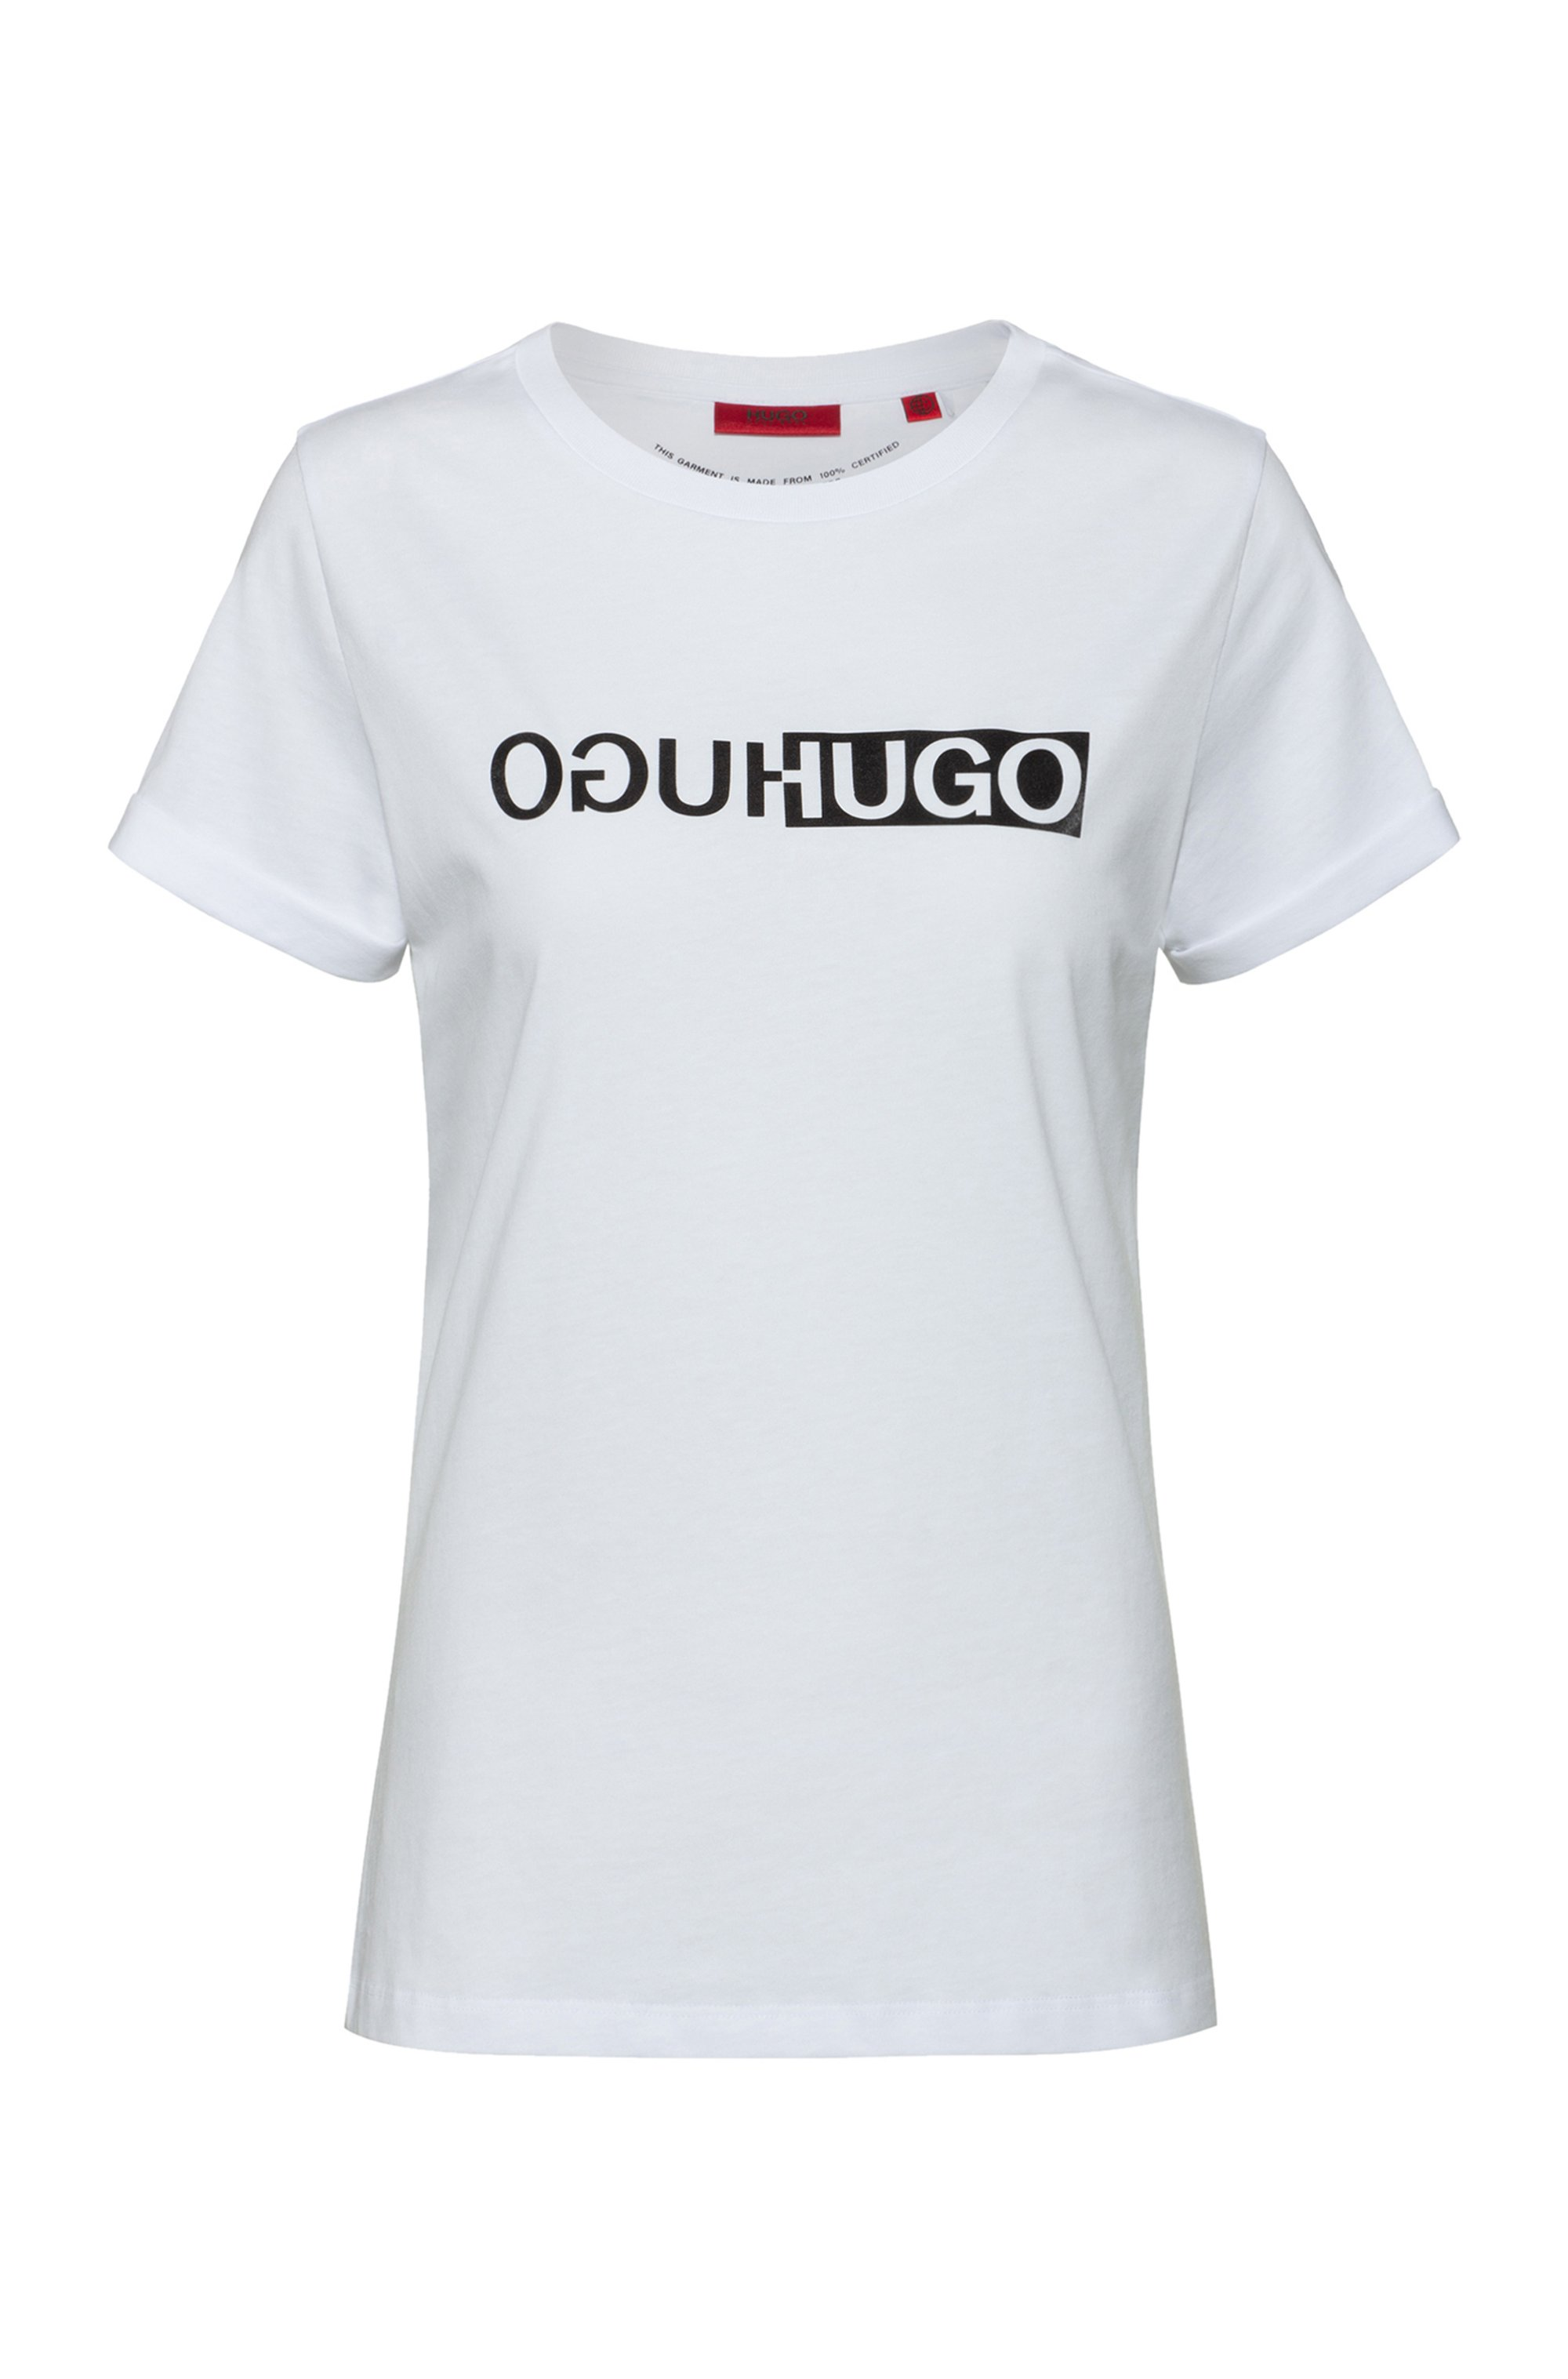 スリムフィット オーガニックコットン Tシャツ ニューシーズン ロゴプリント, ホワイト